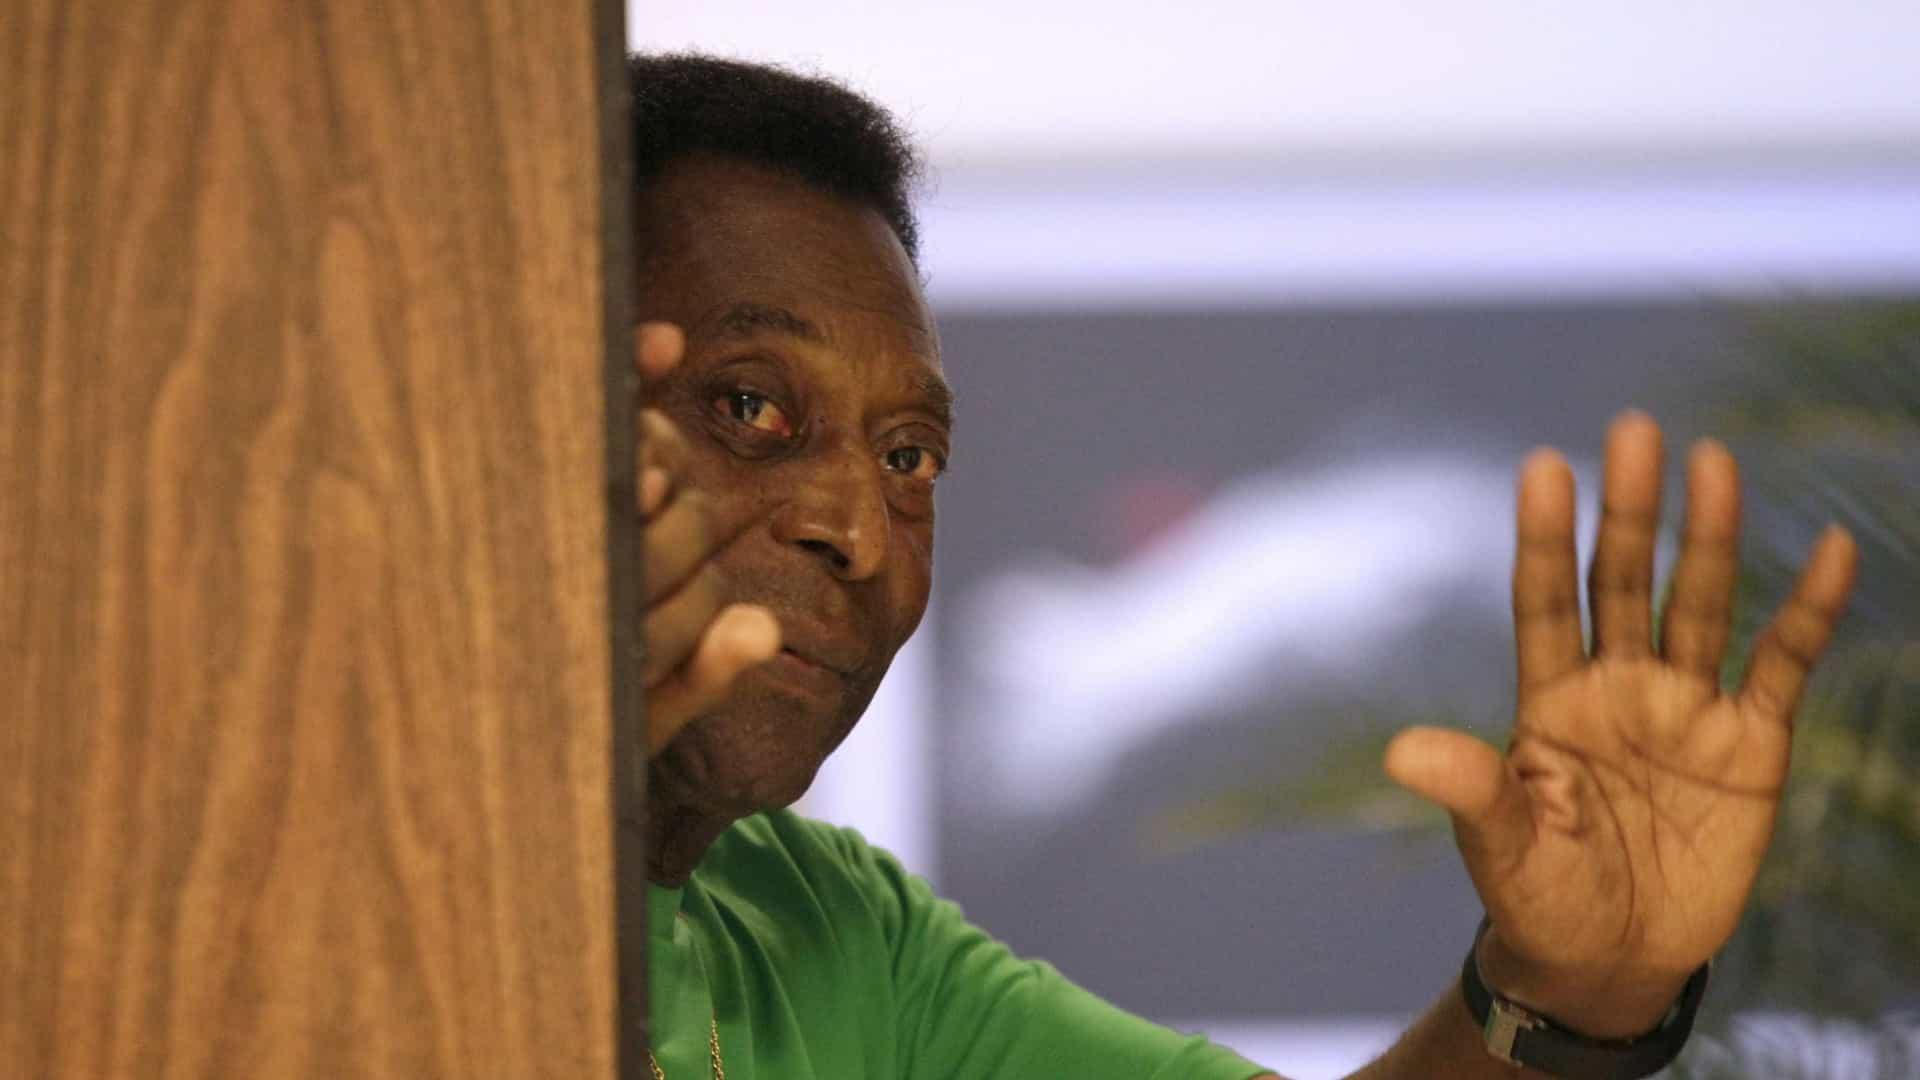 naom 556ec645e857c - Pelé nega depressão e diz que título do Palmeiras 'não é mundial'